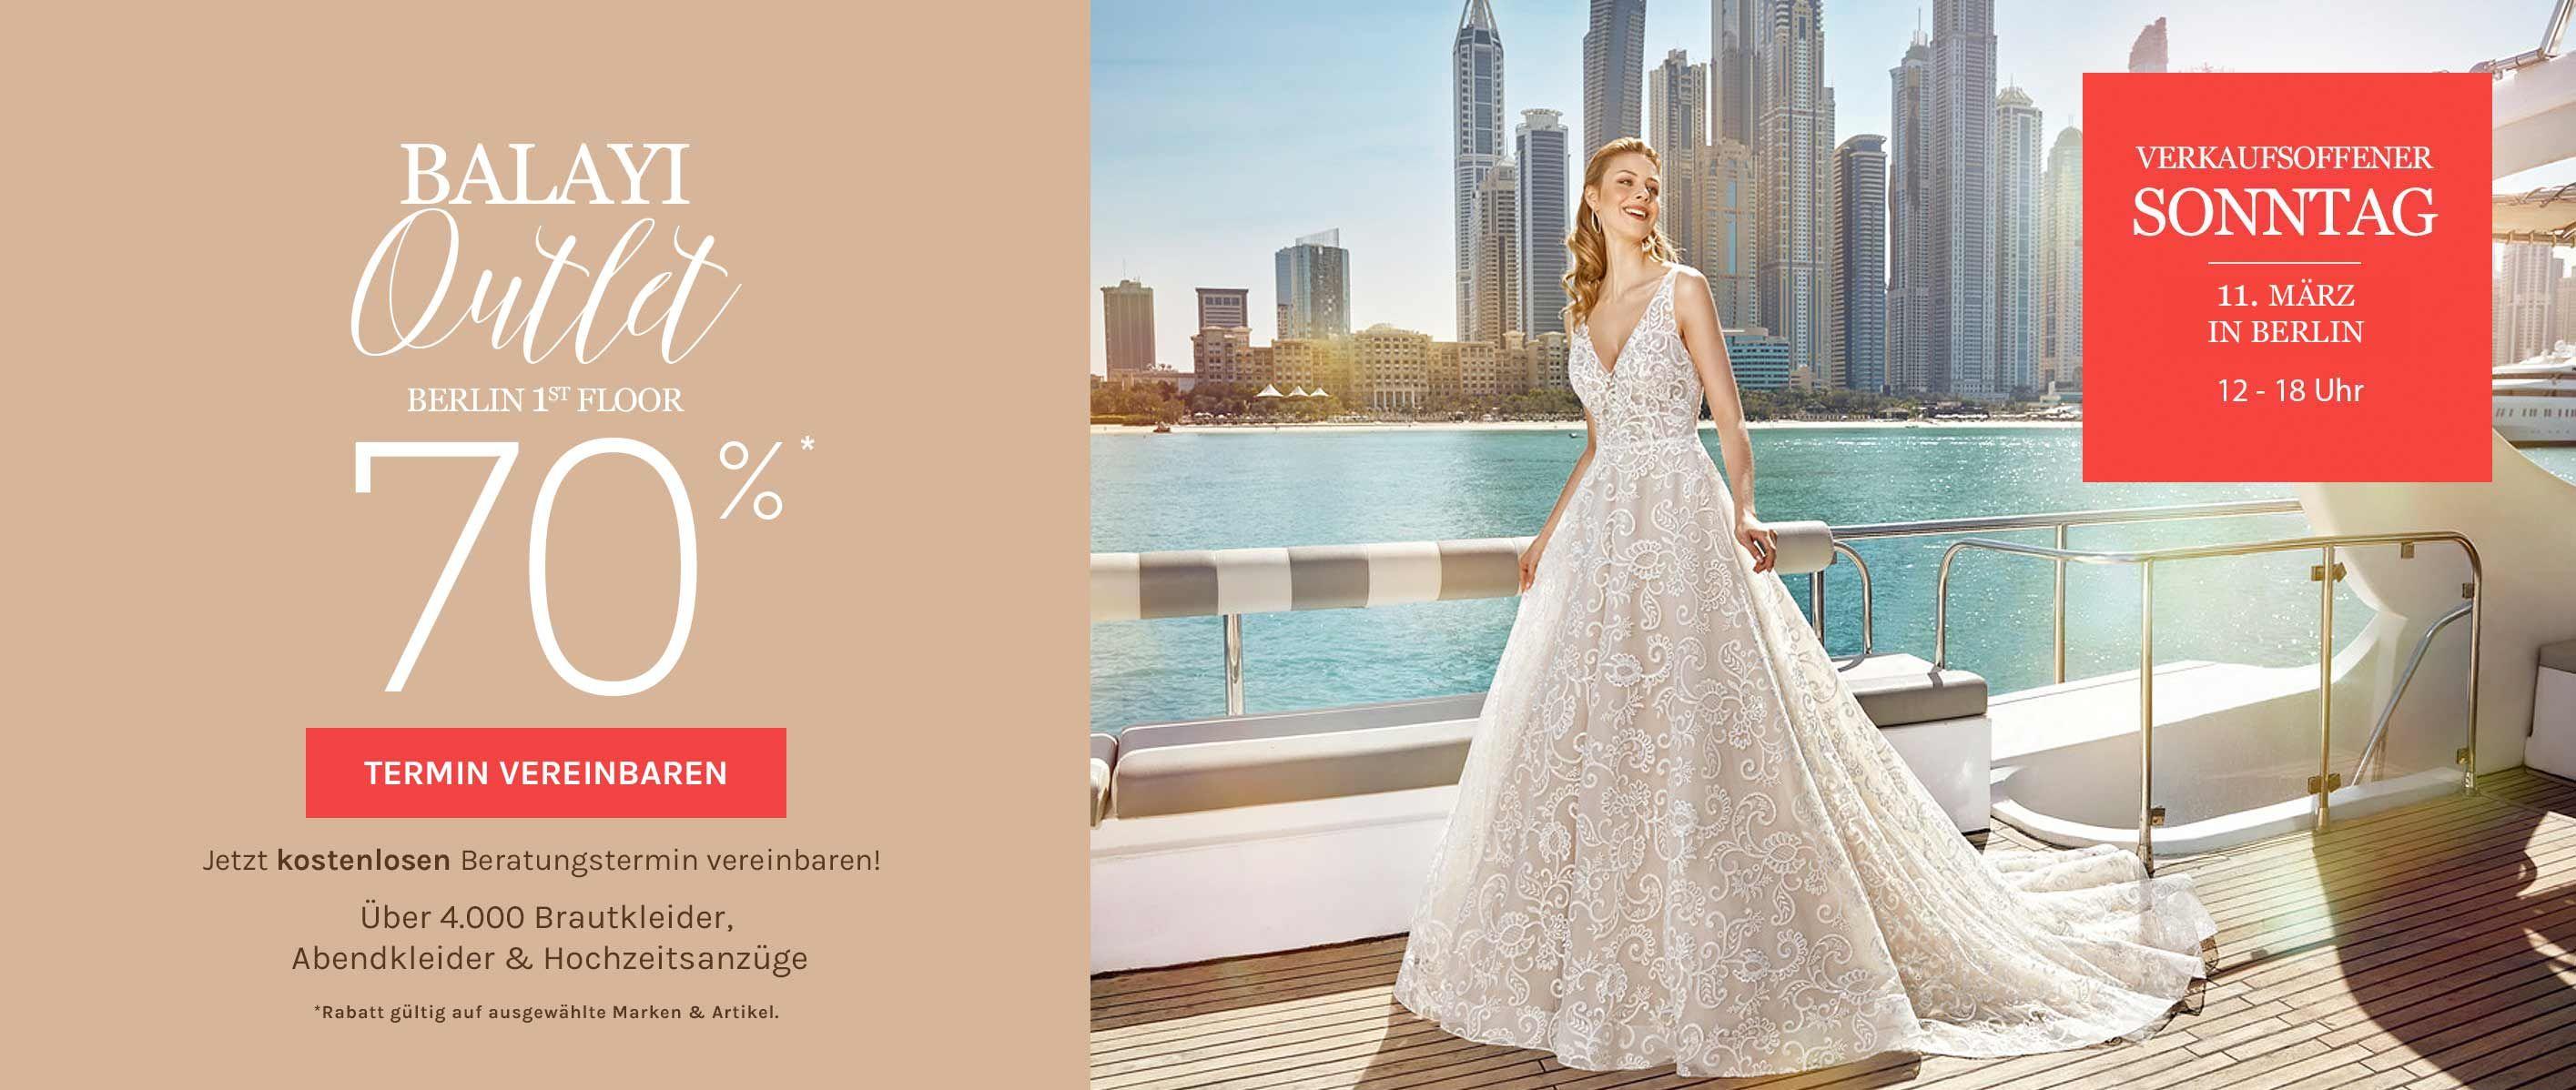 Ihr Brautmodengeschaft Mit Brautkleider Und Hochzeitskleider In